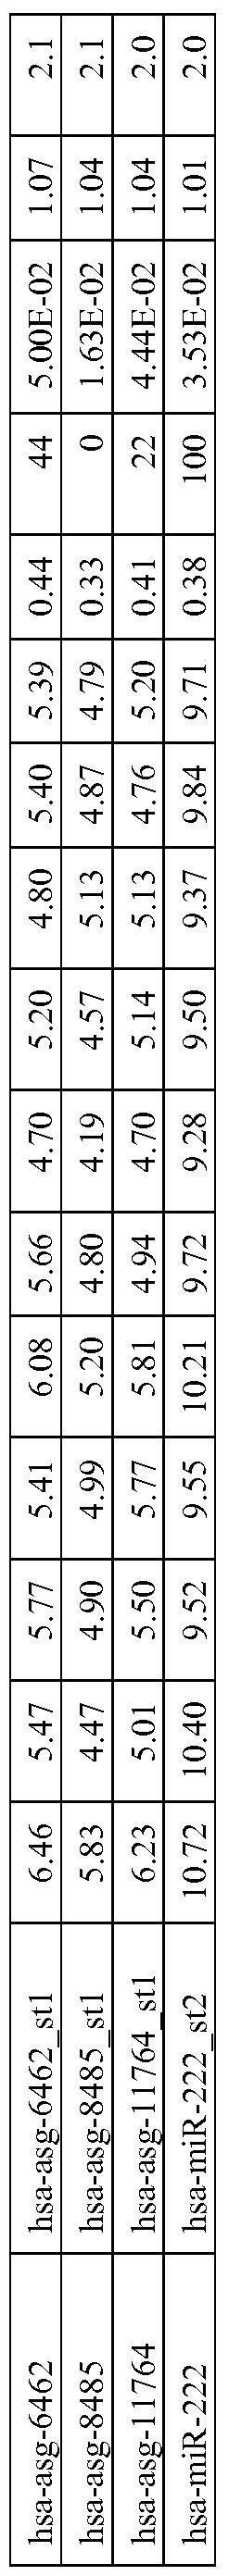 Figure imgf000354_0001